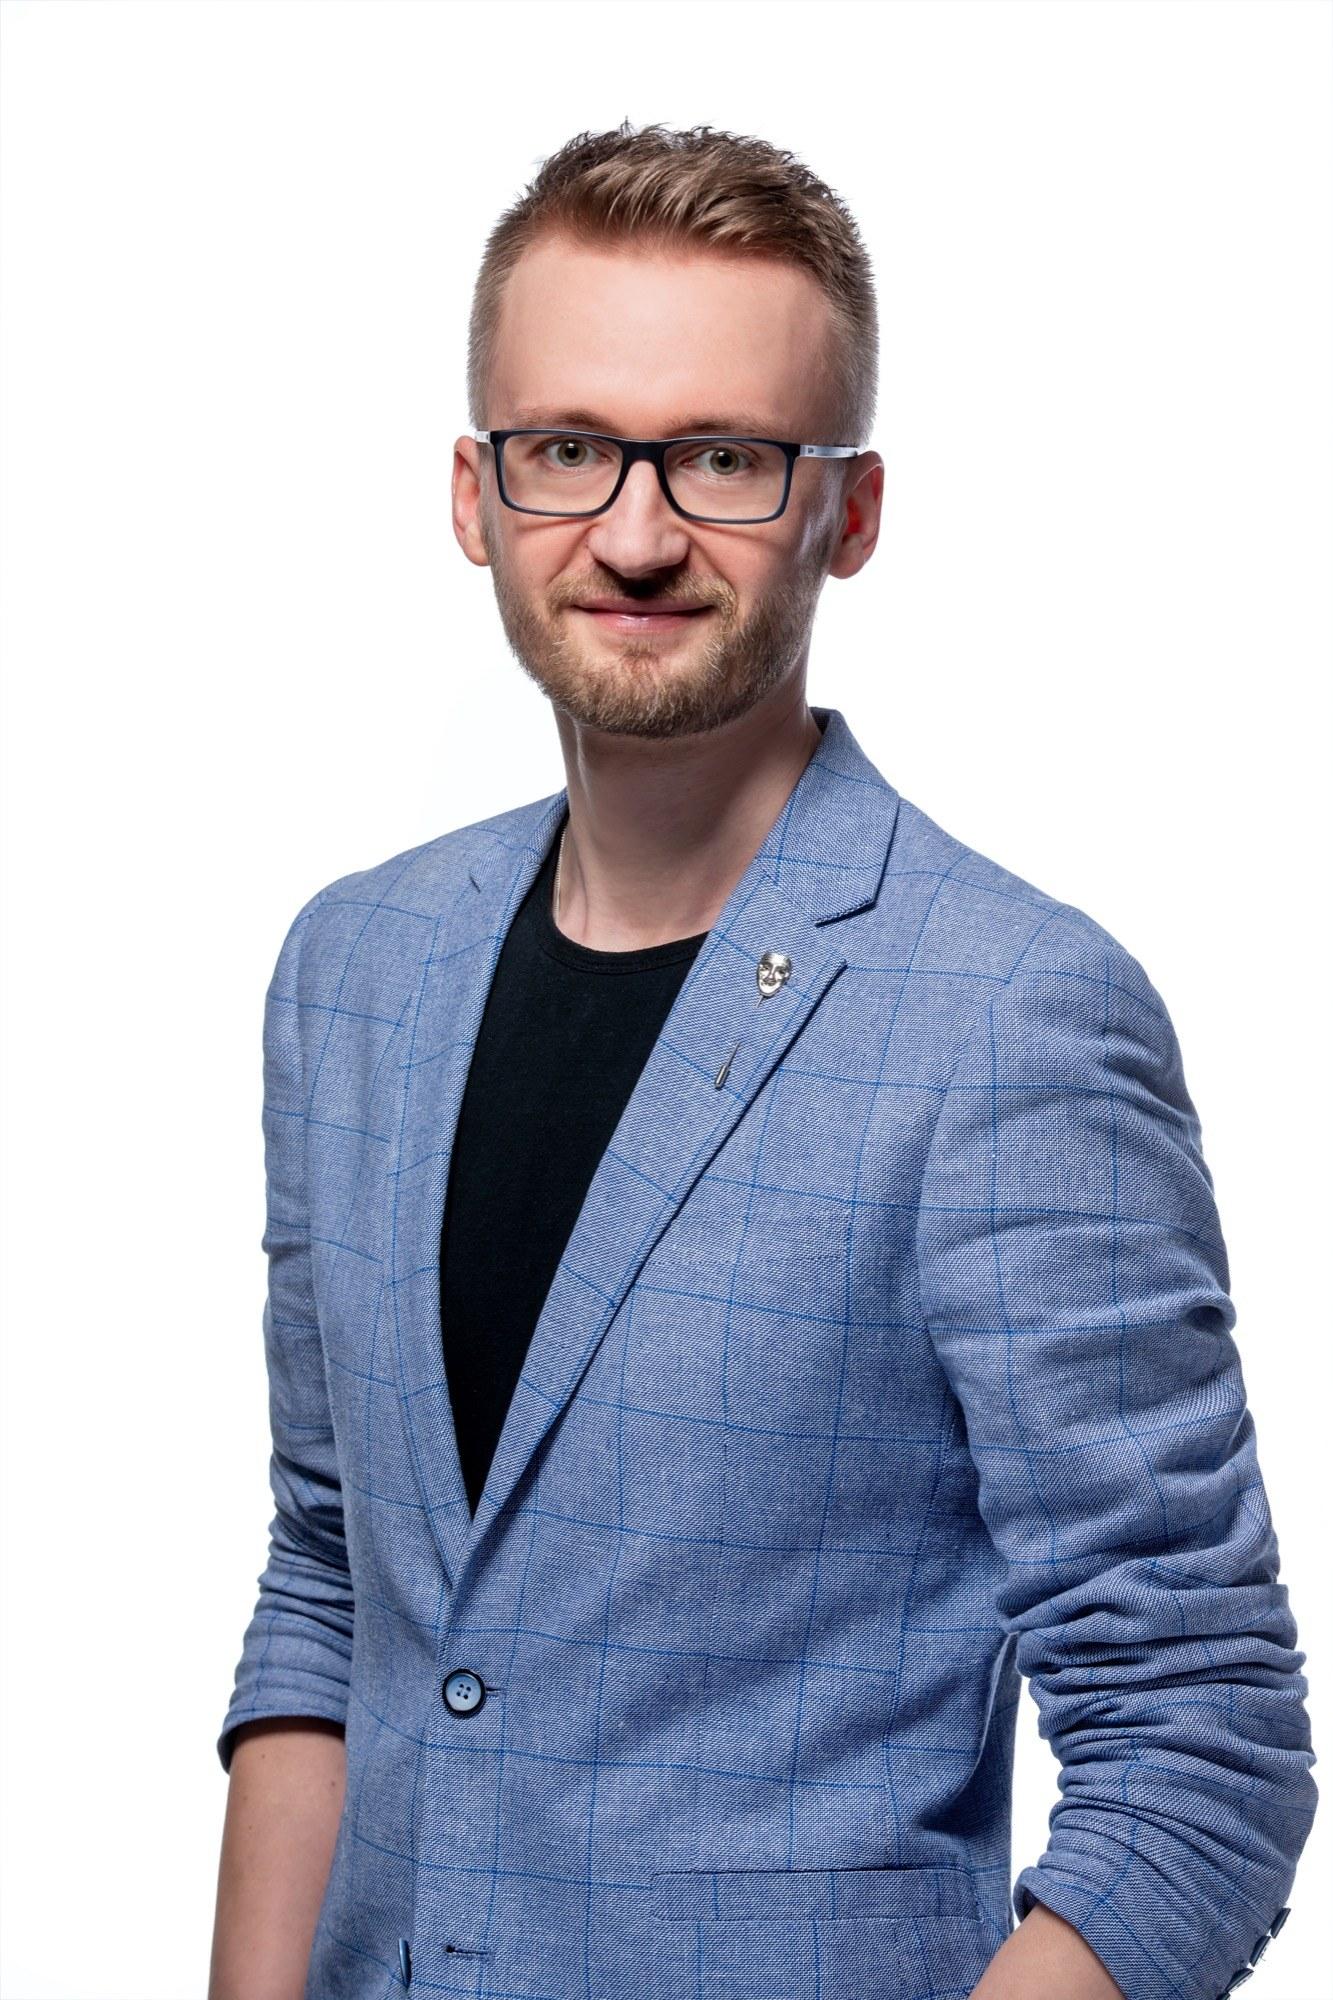 Michał Stankiewicz